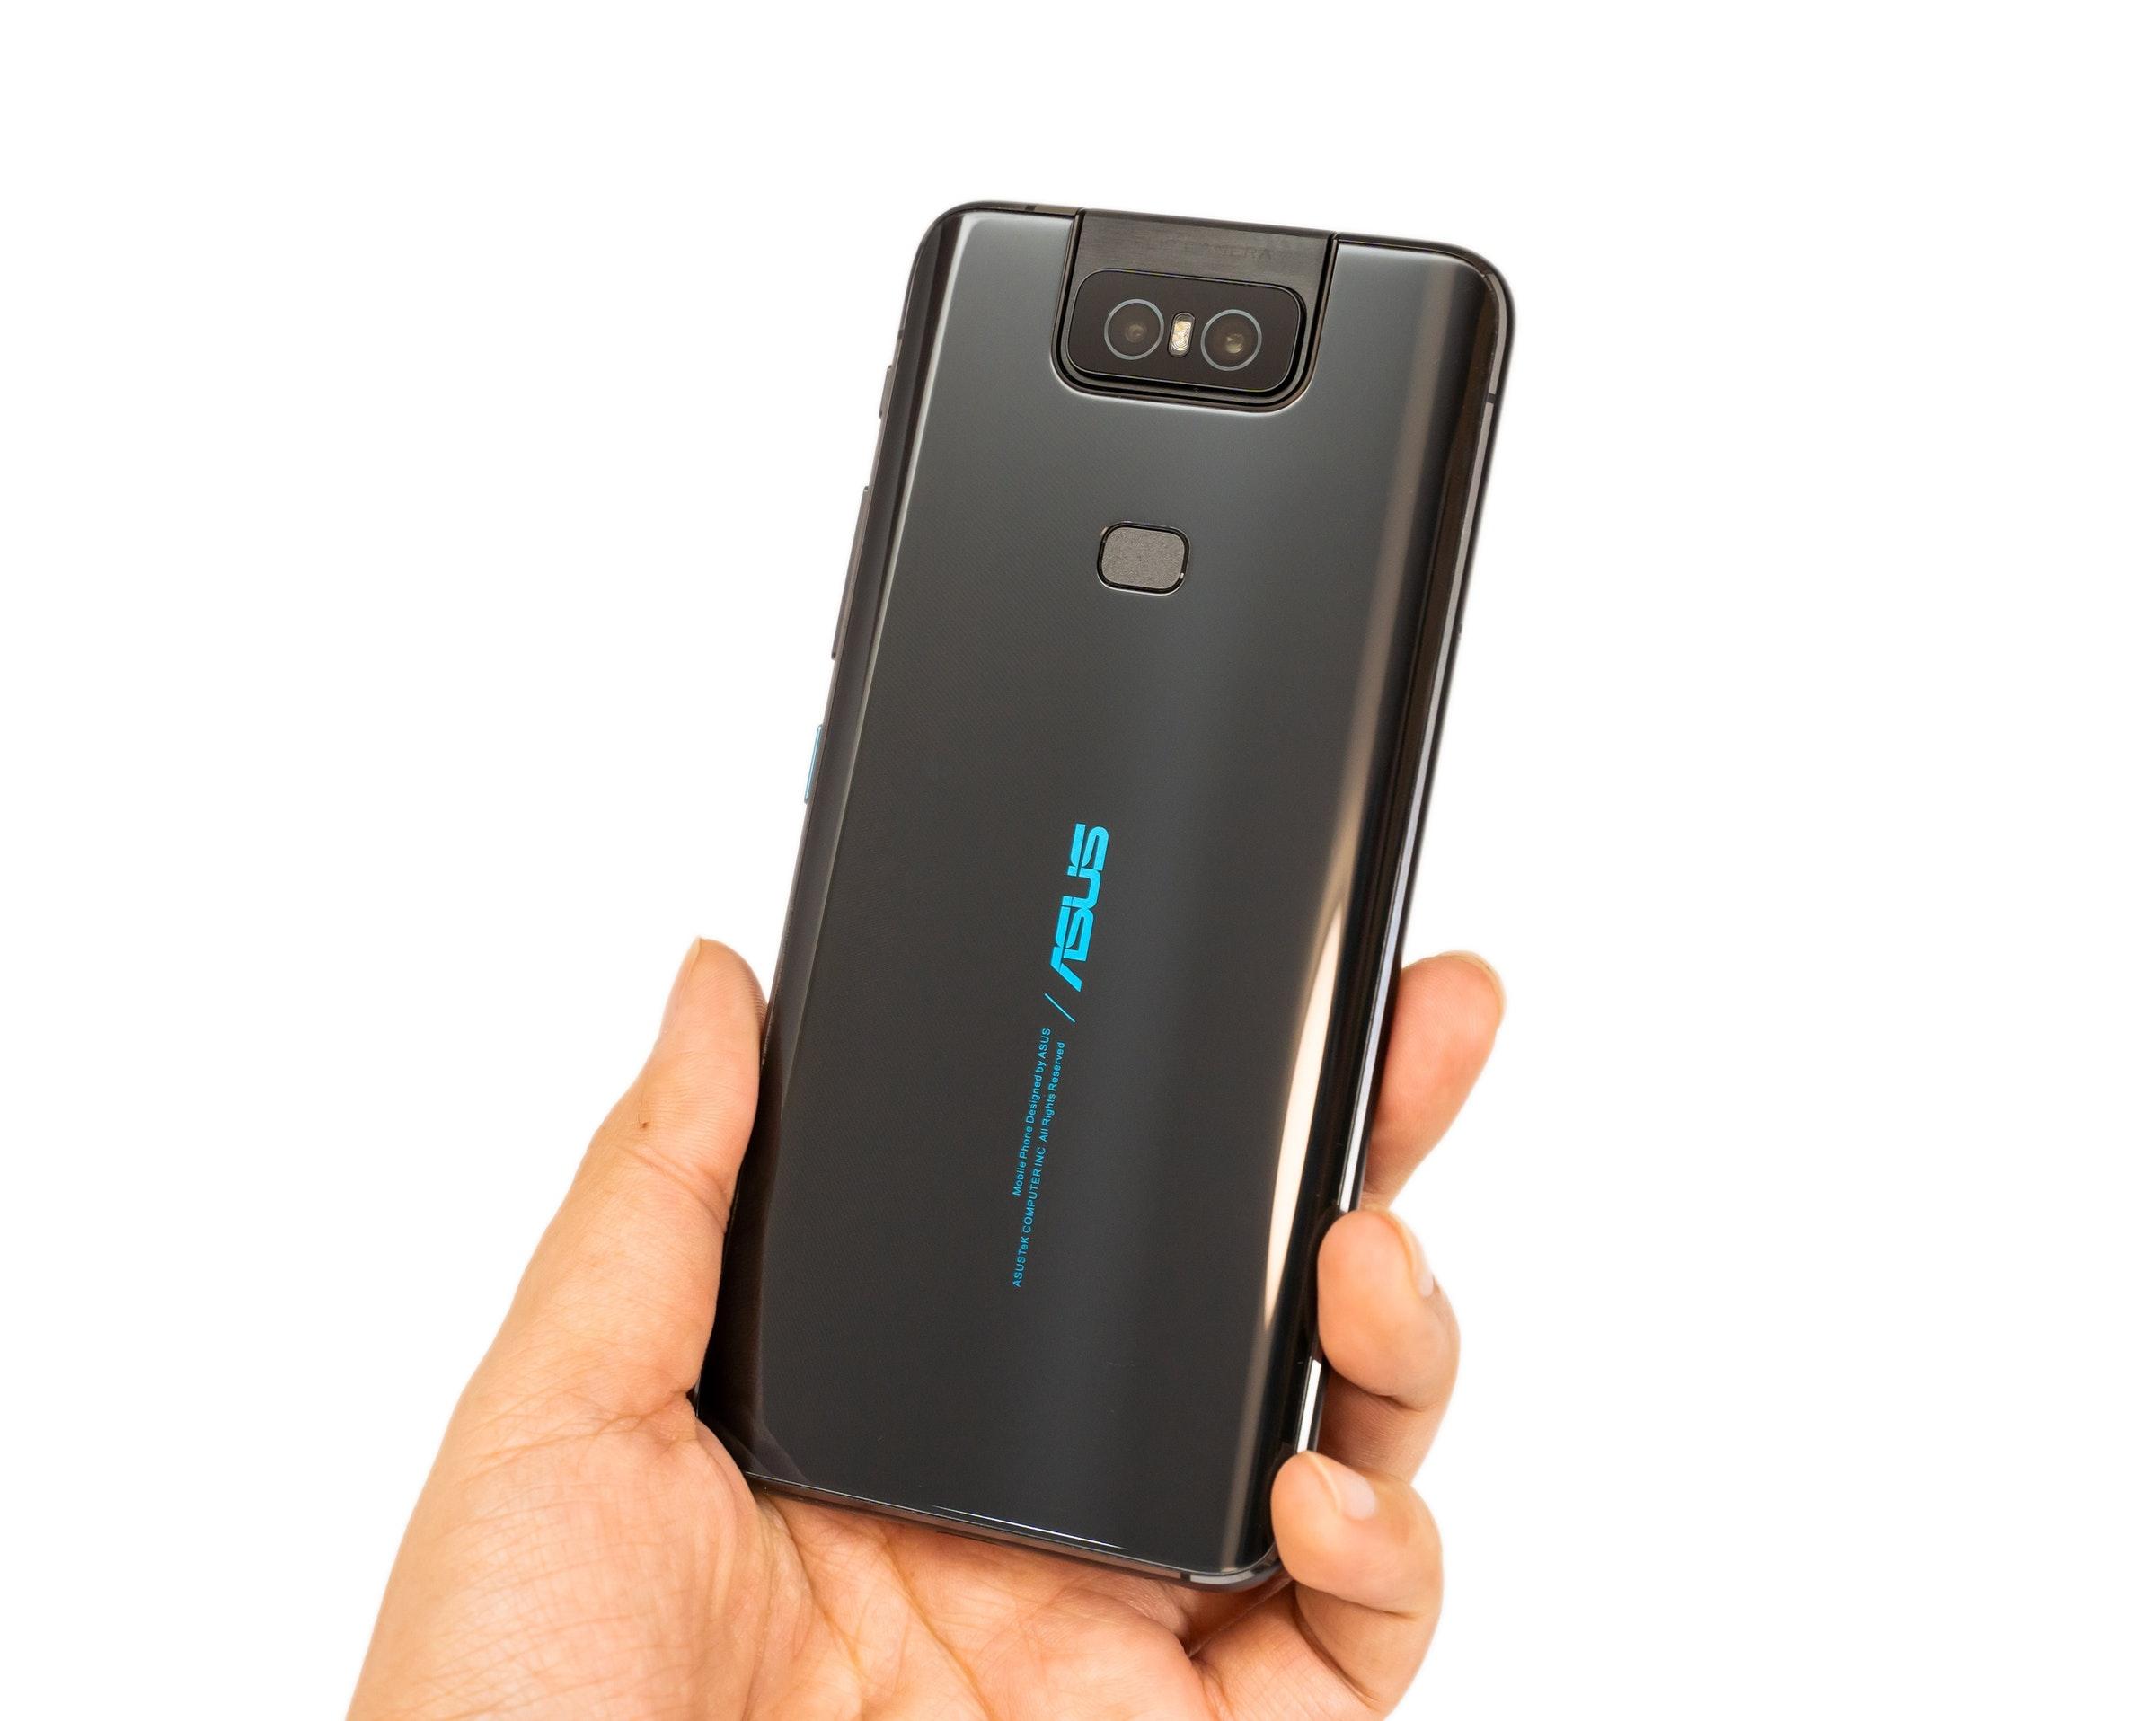 是ZenFone 6 性能電力測試速報!5000mAh 大電量是最創新實用的旗艦機嗎?這篇文章的首圖